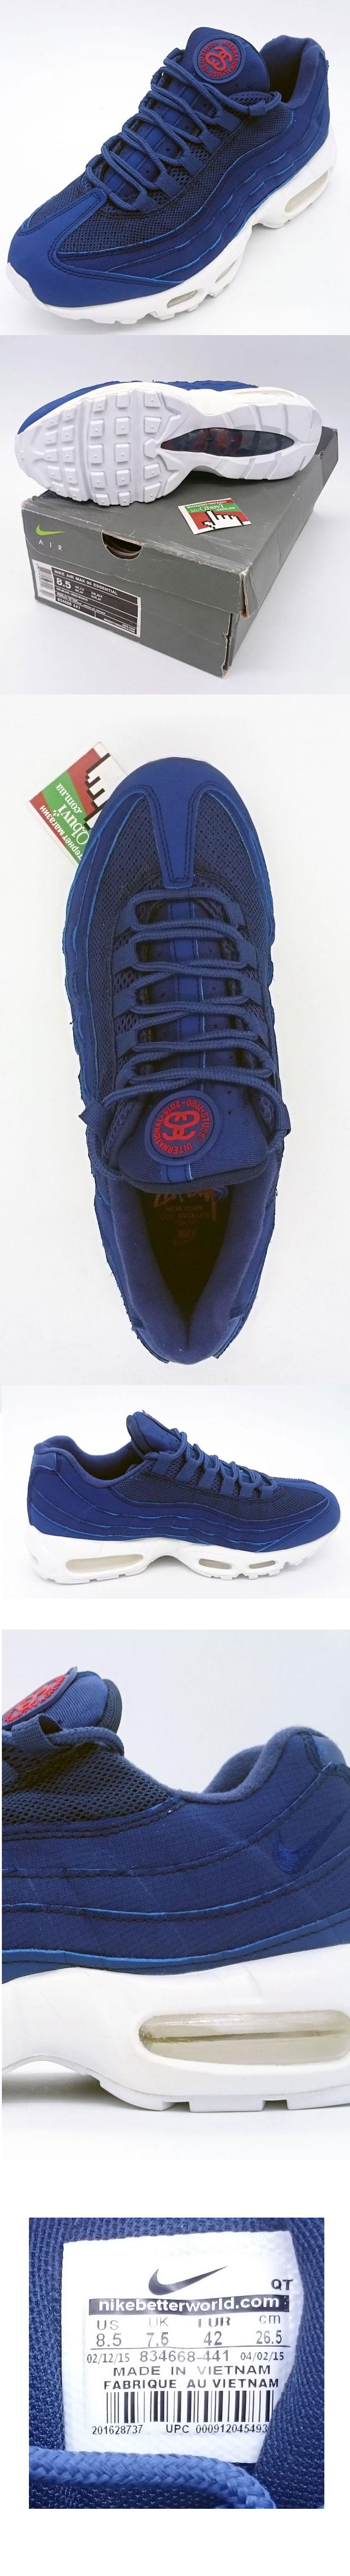 большое фото №5 Мужские кроссовки Nike air max 95 Сине белые. ТОП КАЧЕСТВО!!!